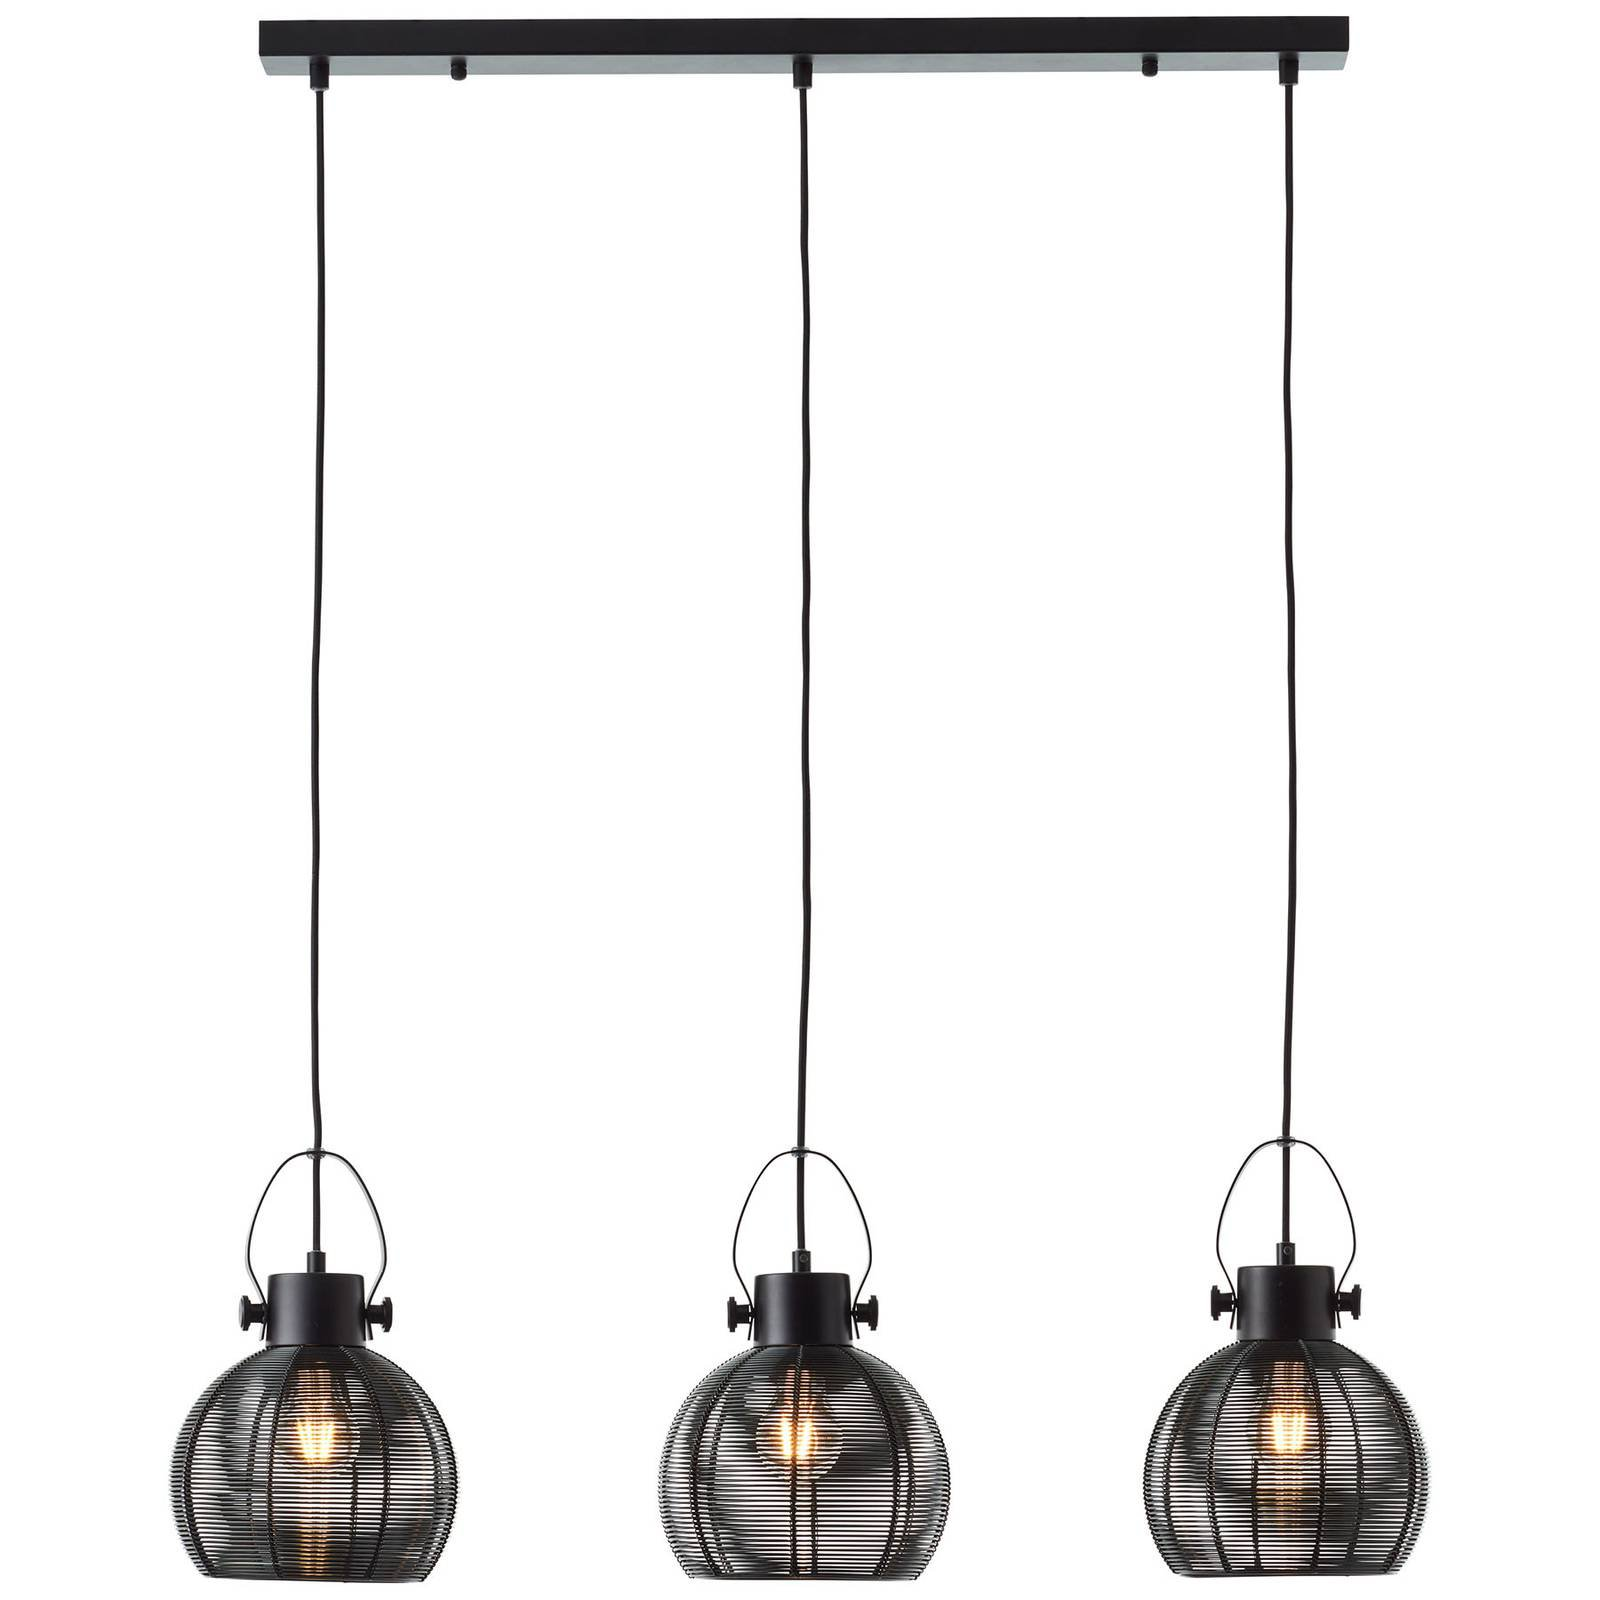 Hengelampe Sambo, bjelke, svart, 3 lyskilder